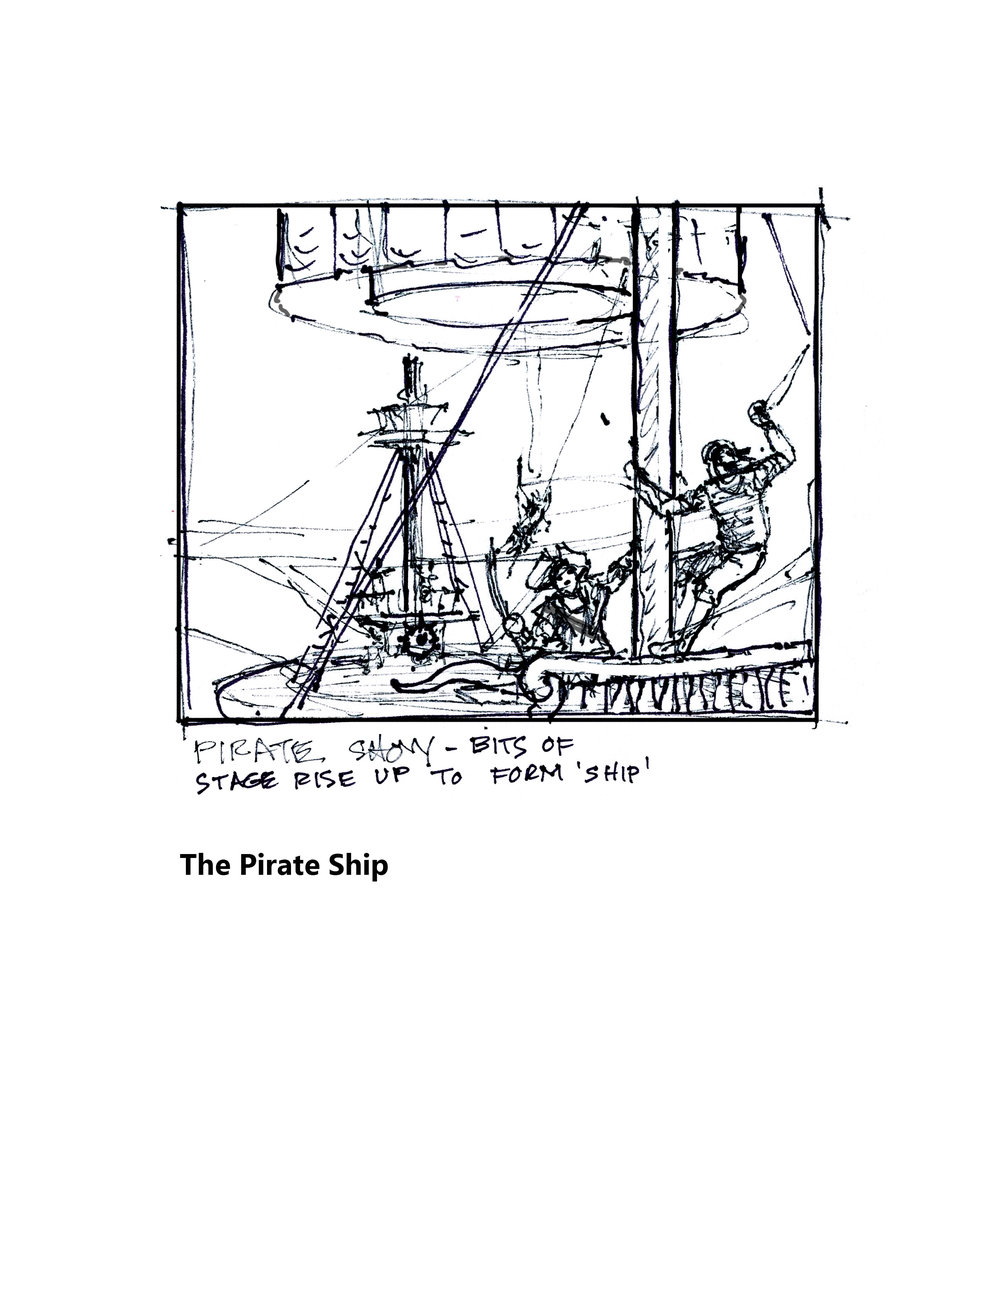 Pirate Ship 1.jpg